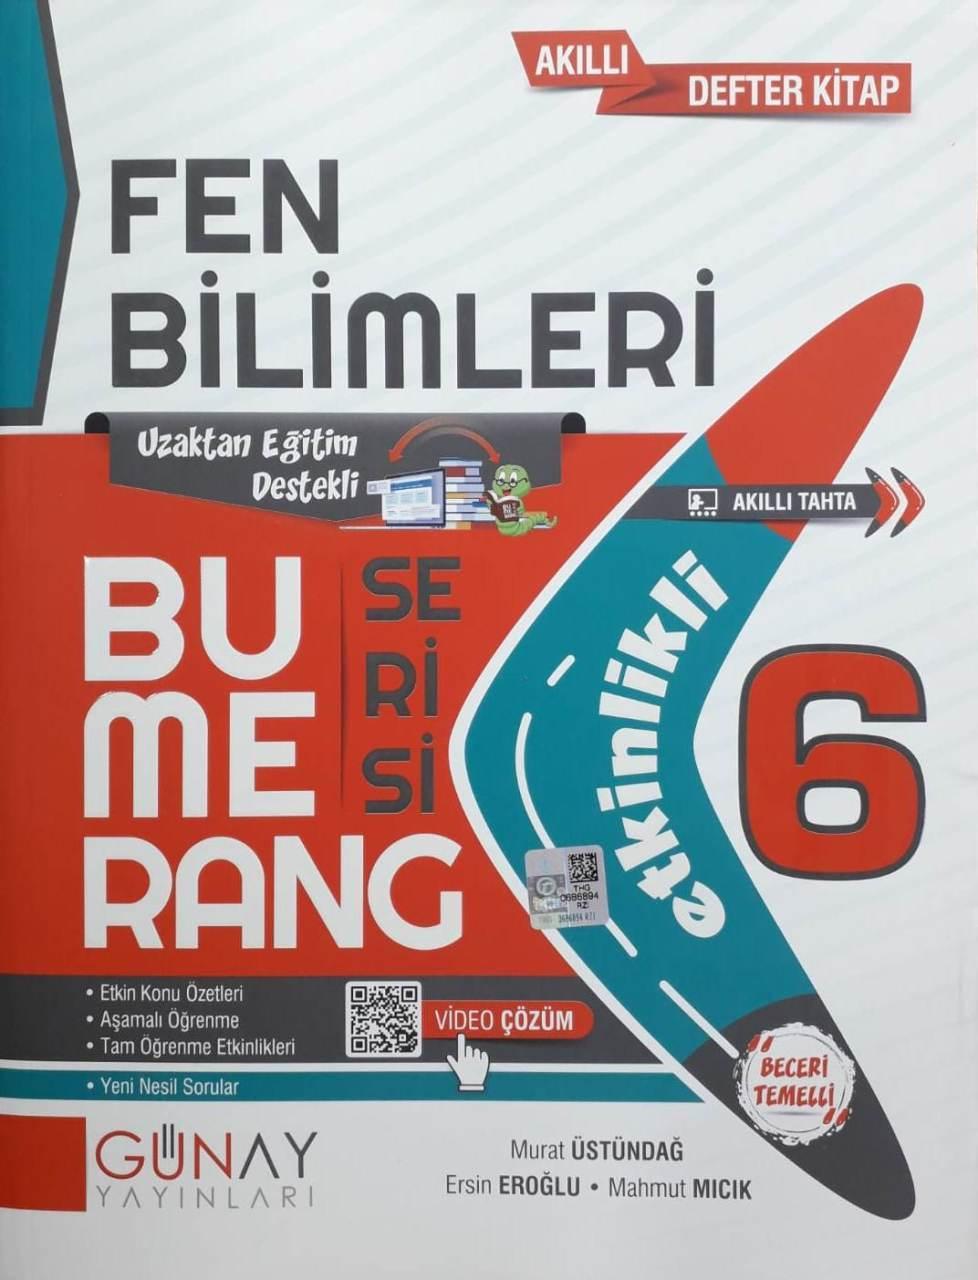 Günay Yayınları 6. Sınıf Fen Bilimleri Etkinlikli Bumerang Serisi